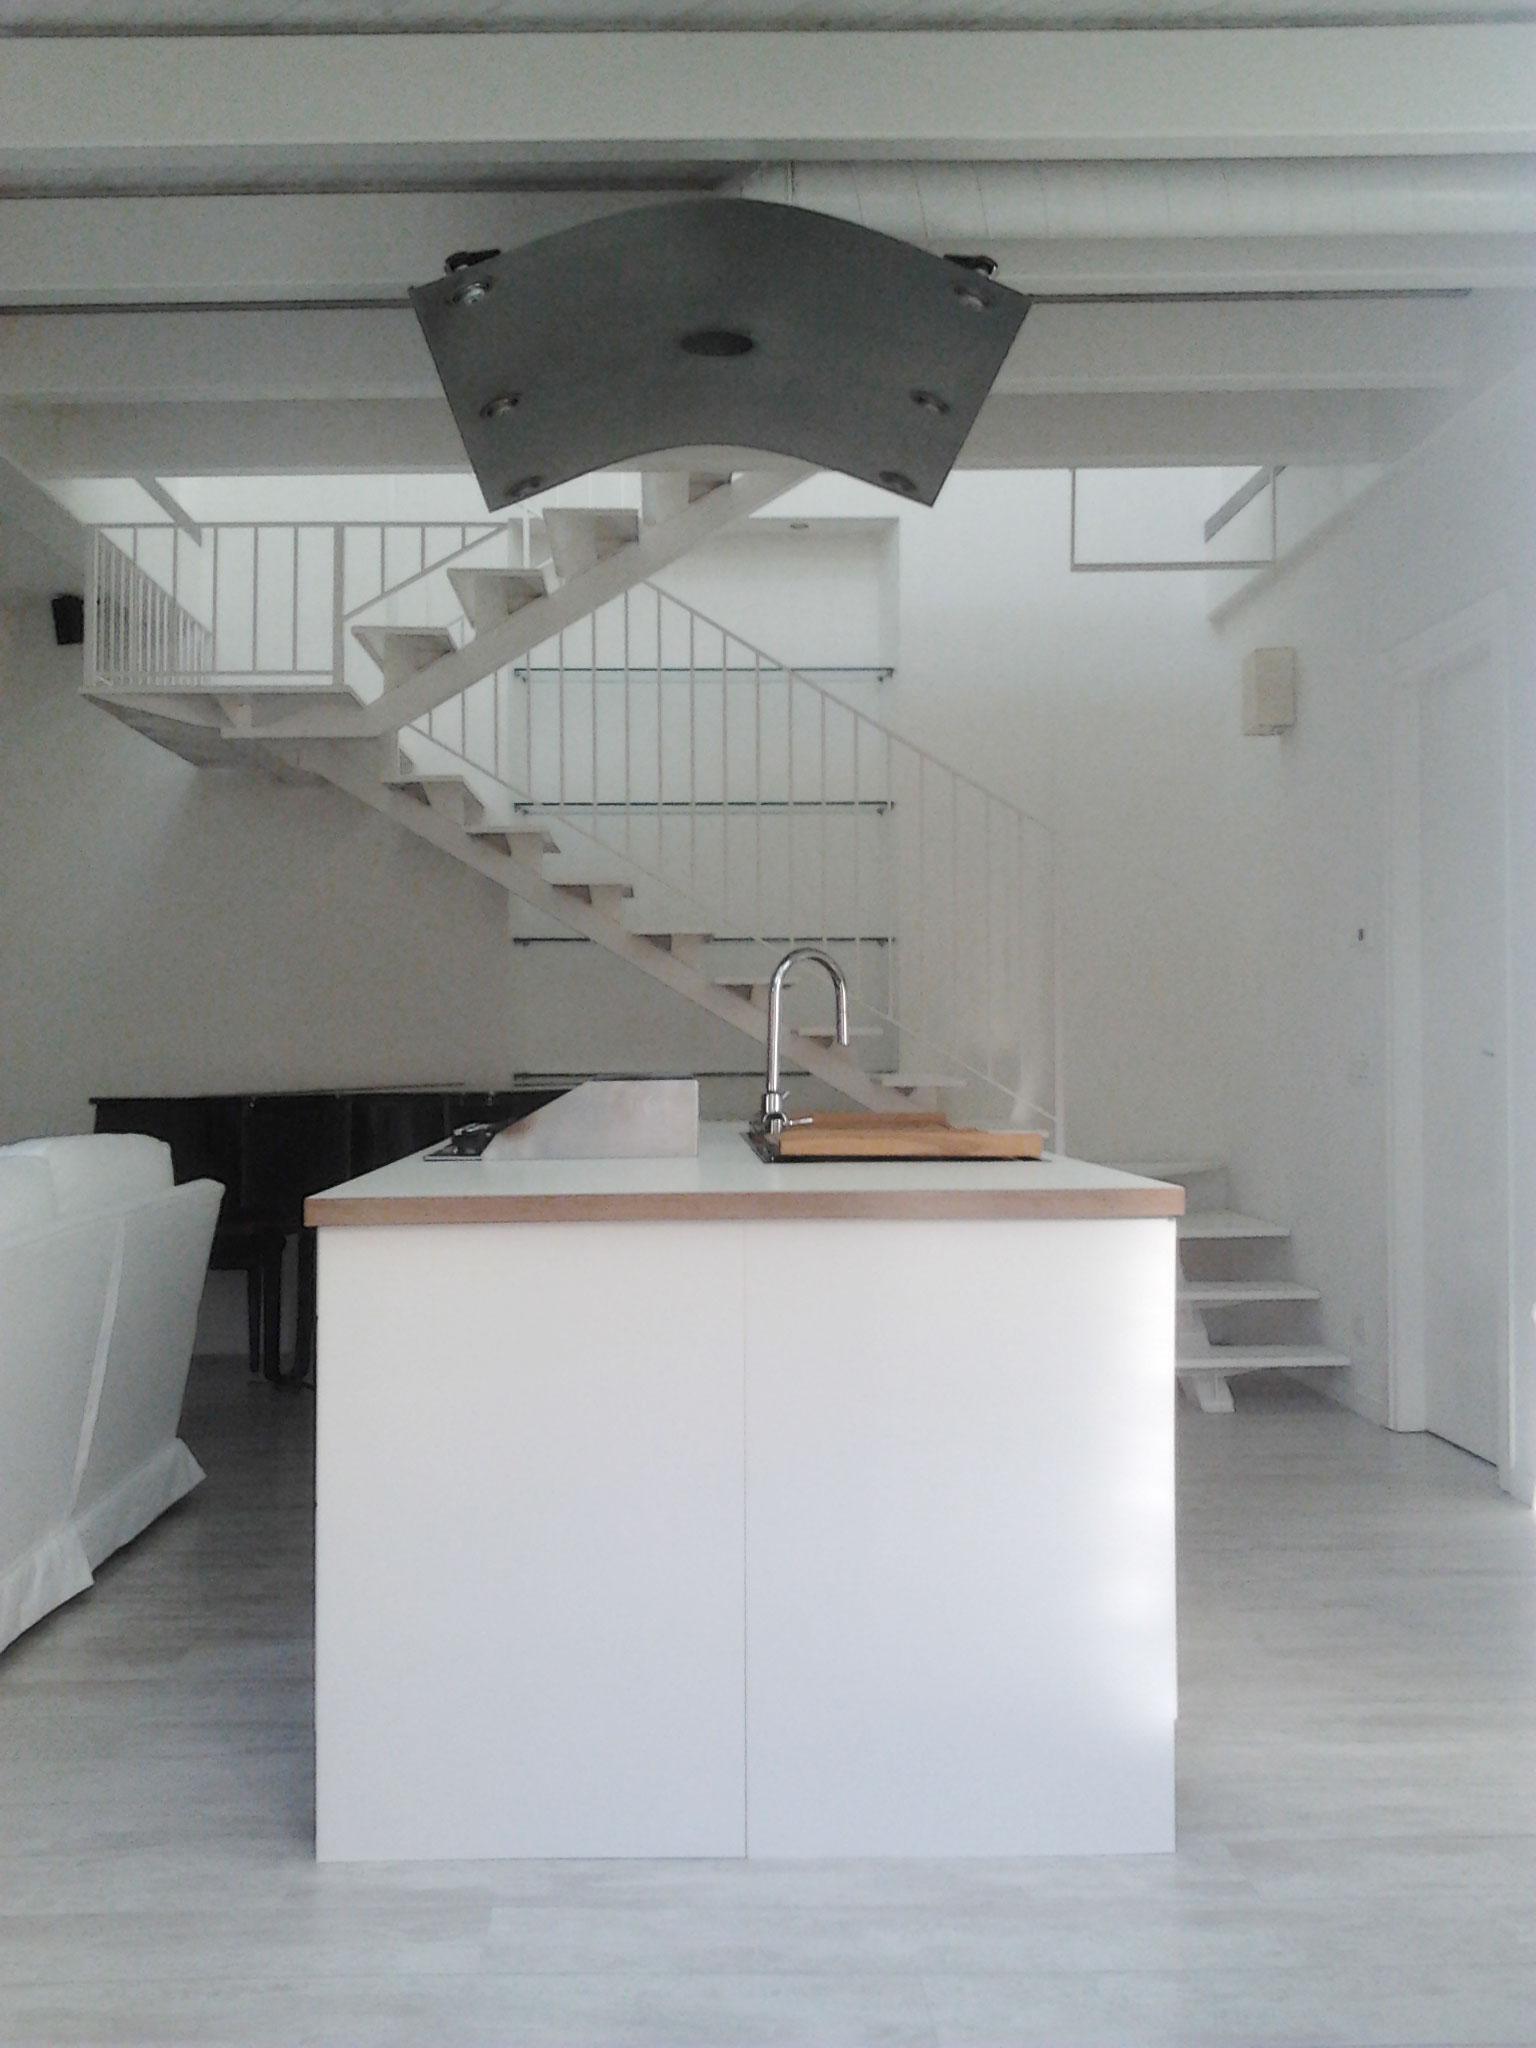 8. Cucina con arredo ad isola, illuminazione di design a sospensione e scala a sbalzo in acciaio: lavori ultimati.